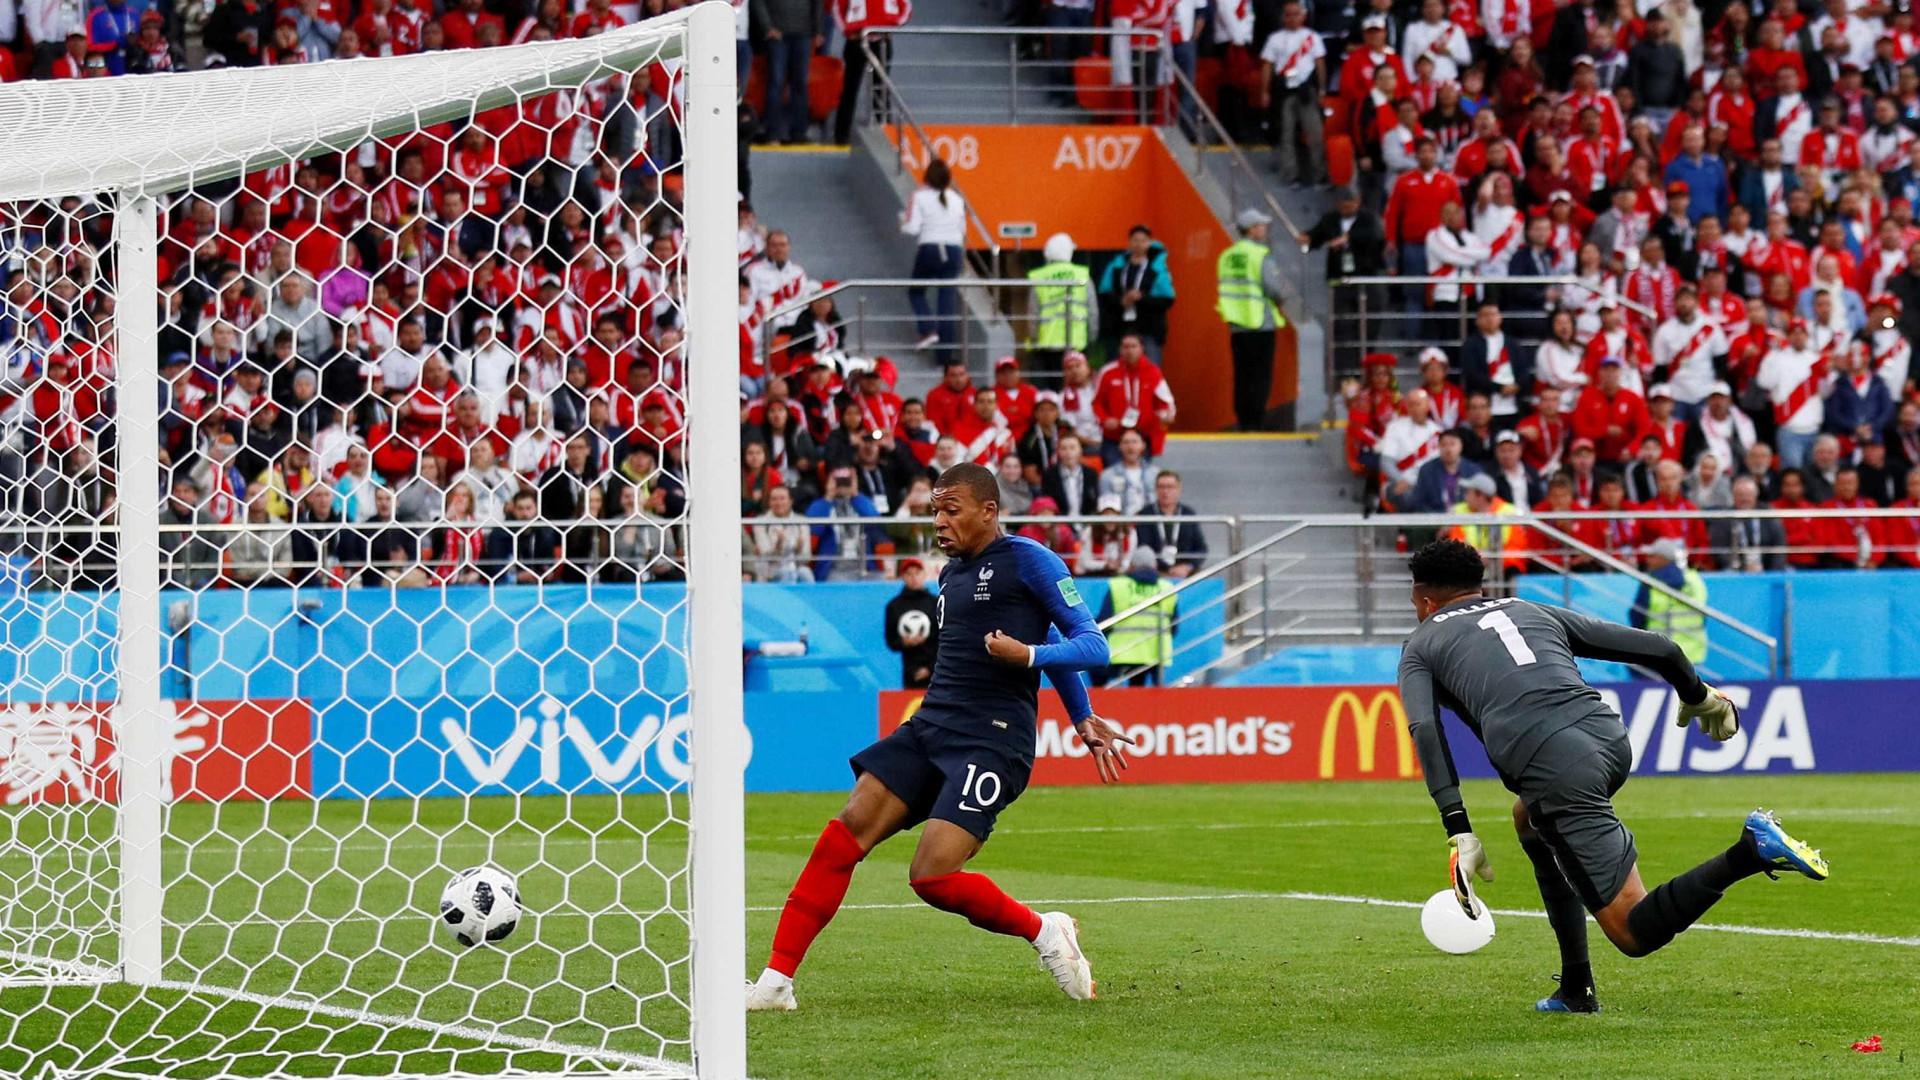 Mbappé supera Trezeguet e entra para a história da seleção francesa